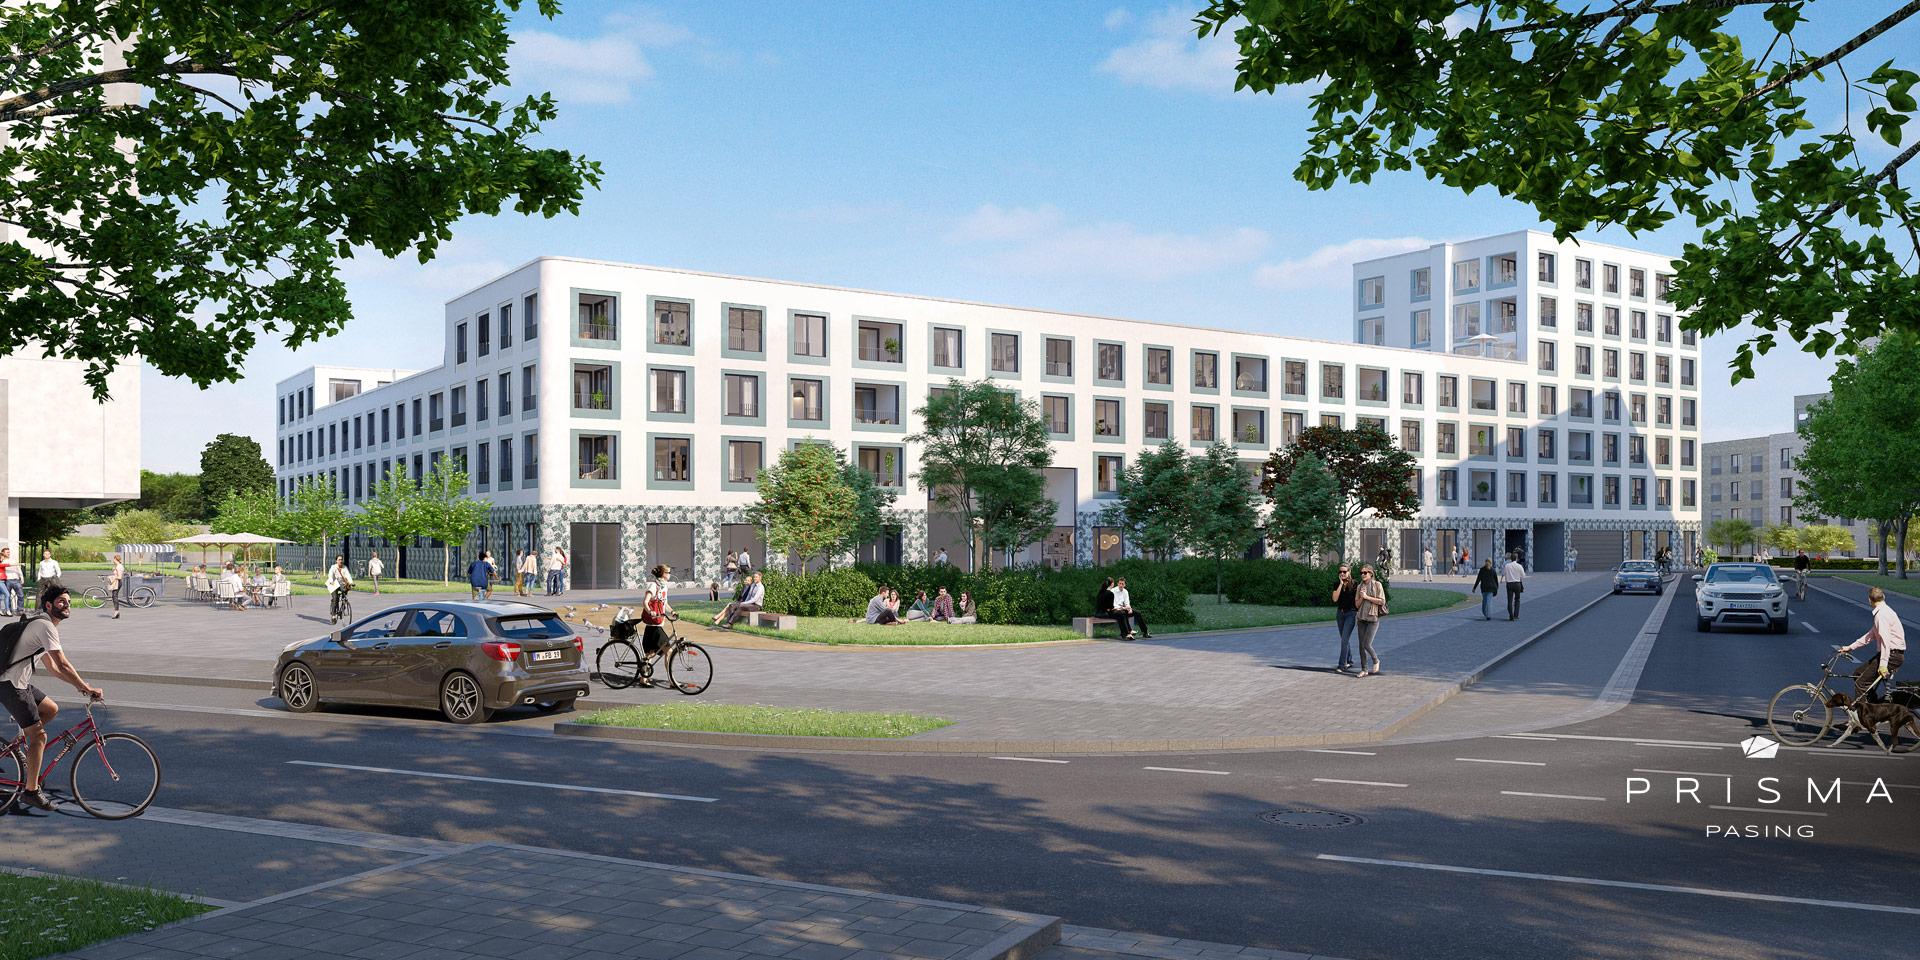 Eigentumswohnungen München: Prisma Pasing